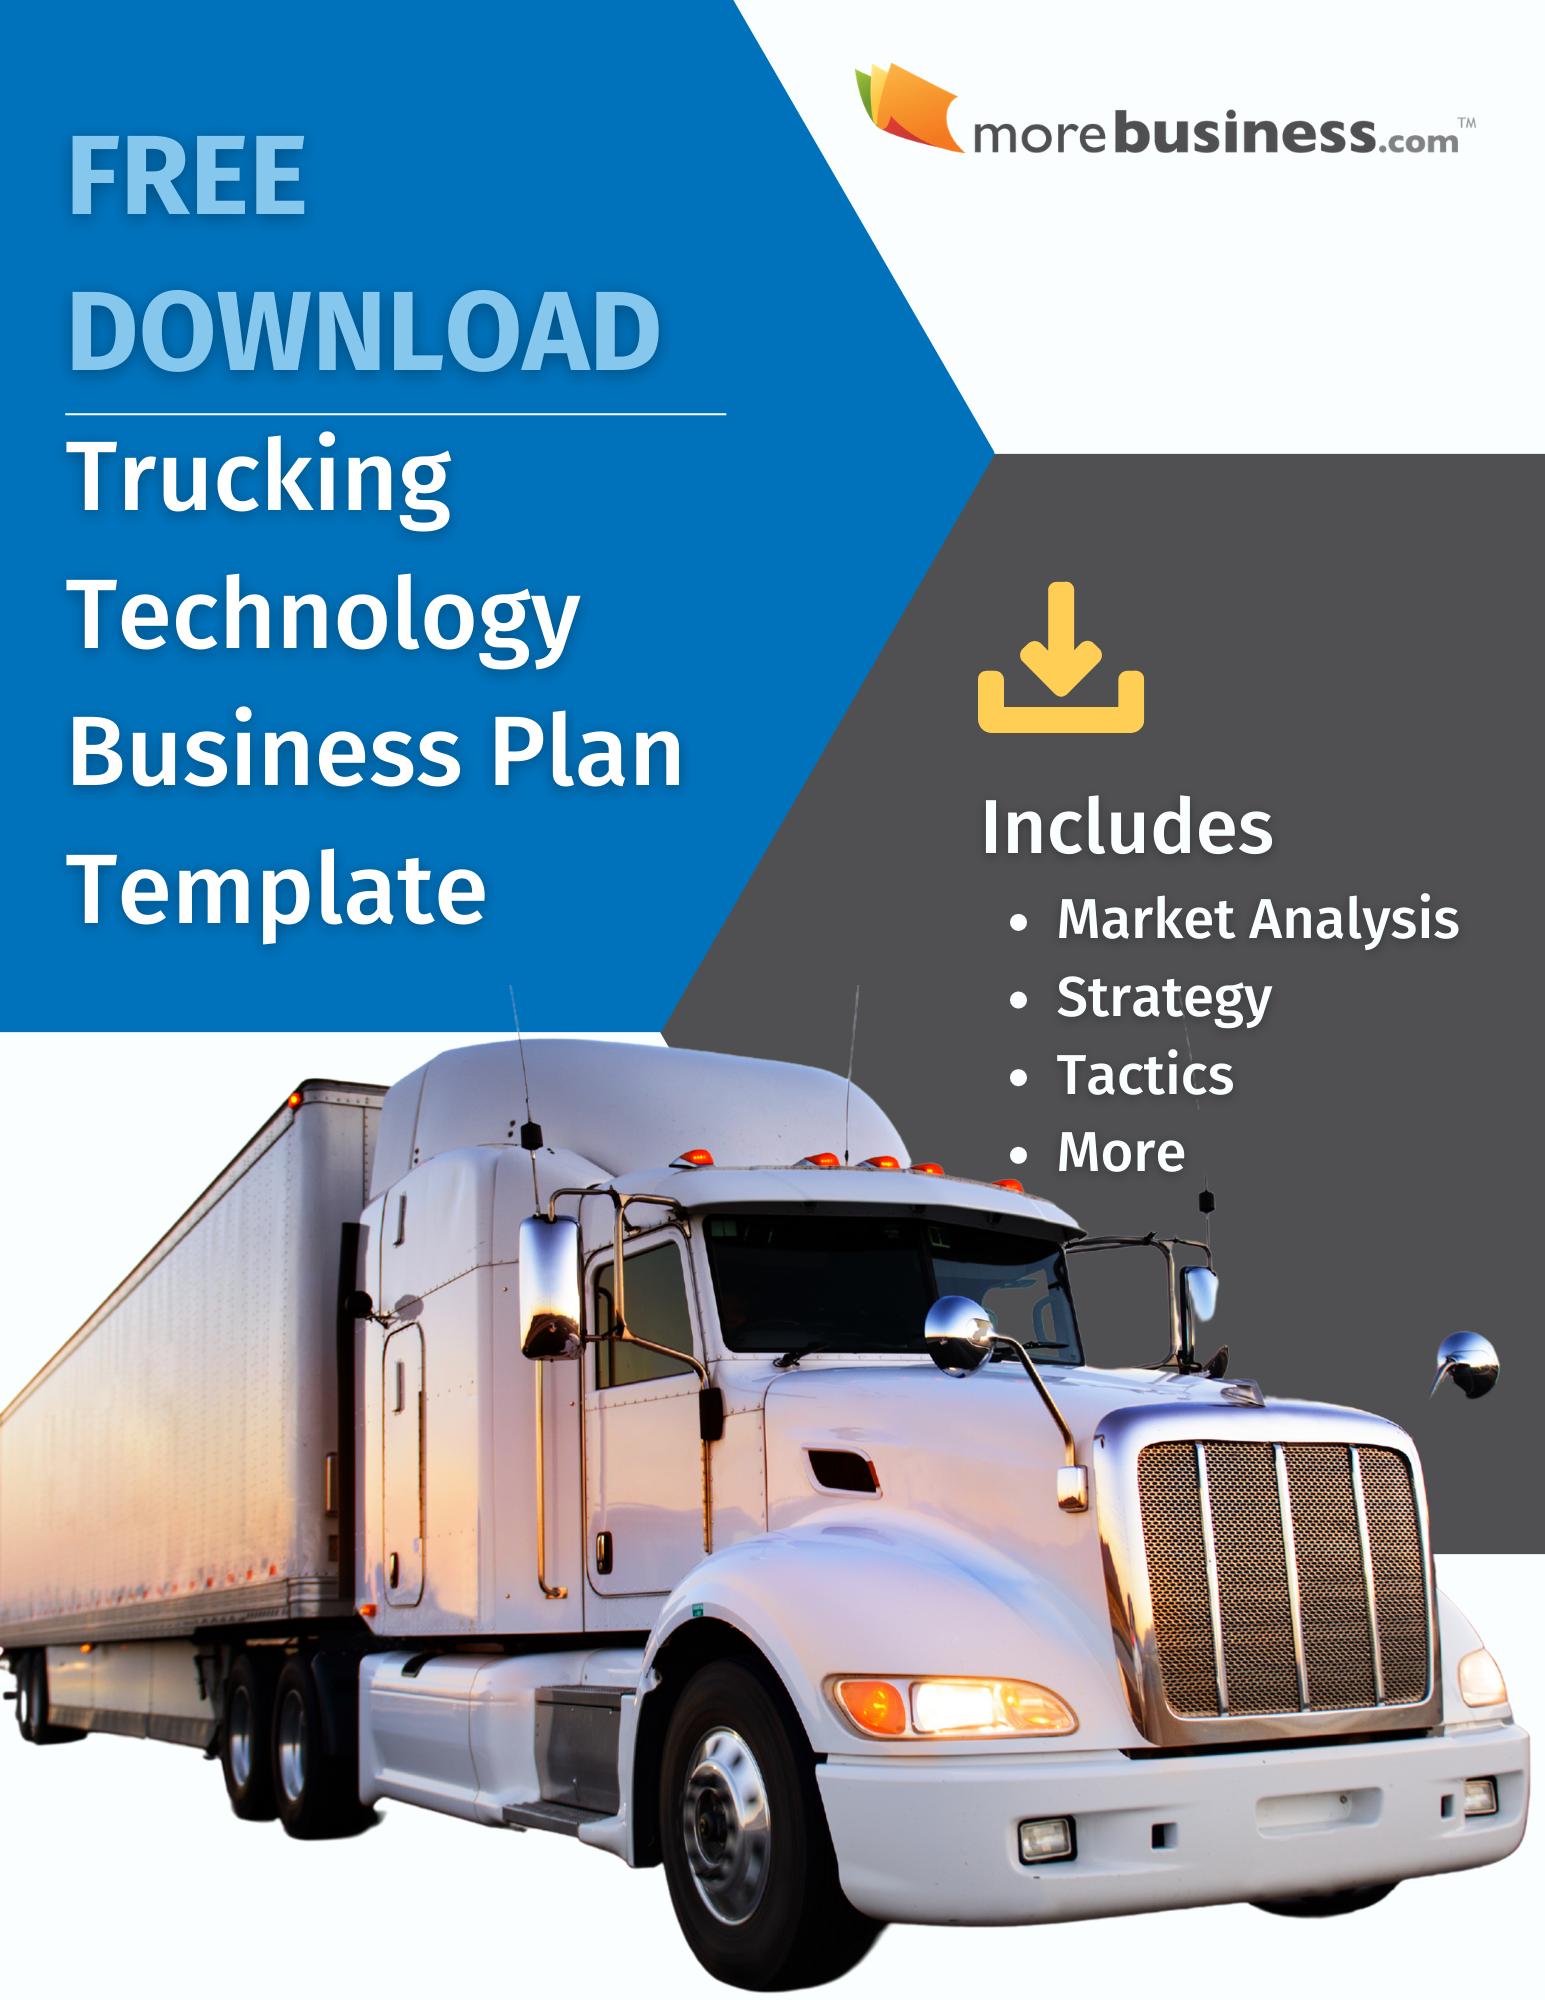 trucking business plan - free download